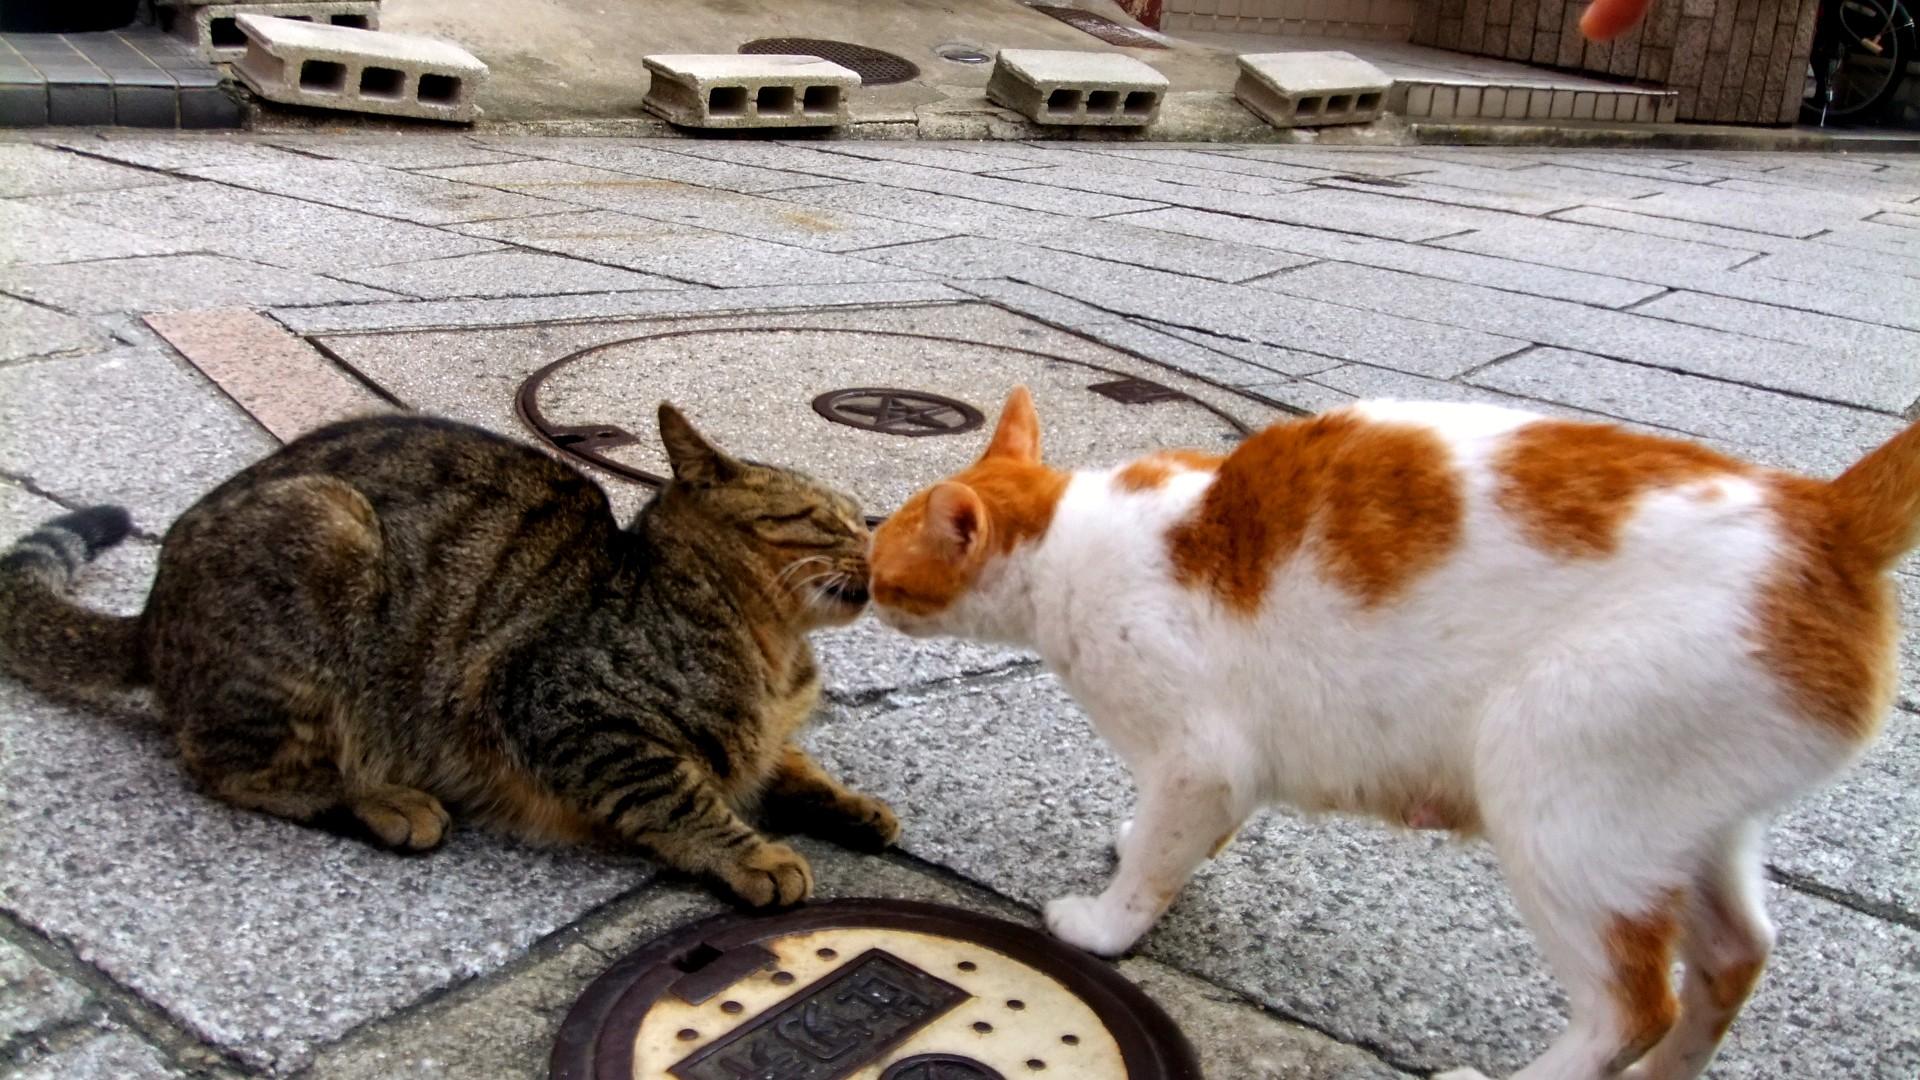 Đằng sau những con mèo bị bấm cụt tai là câu chuyện cảm động về cách người Nhật đối xử với chúng - Ảnh 3.